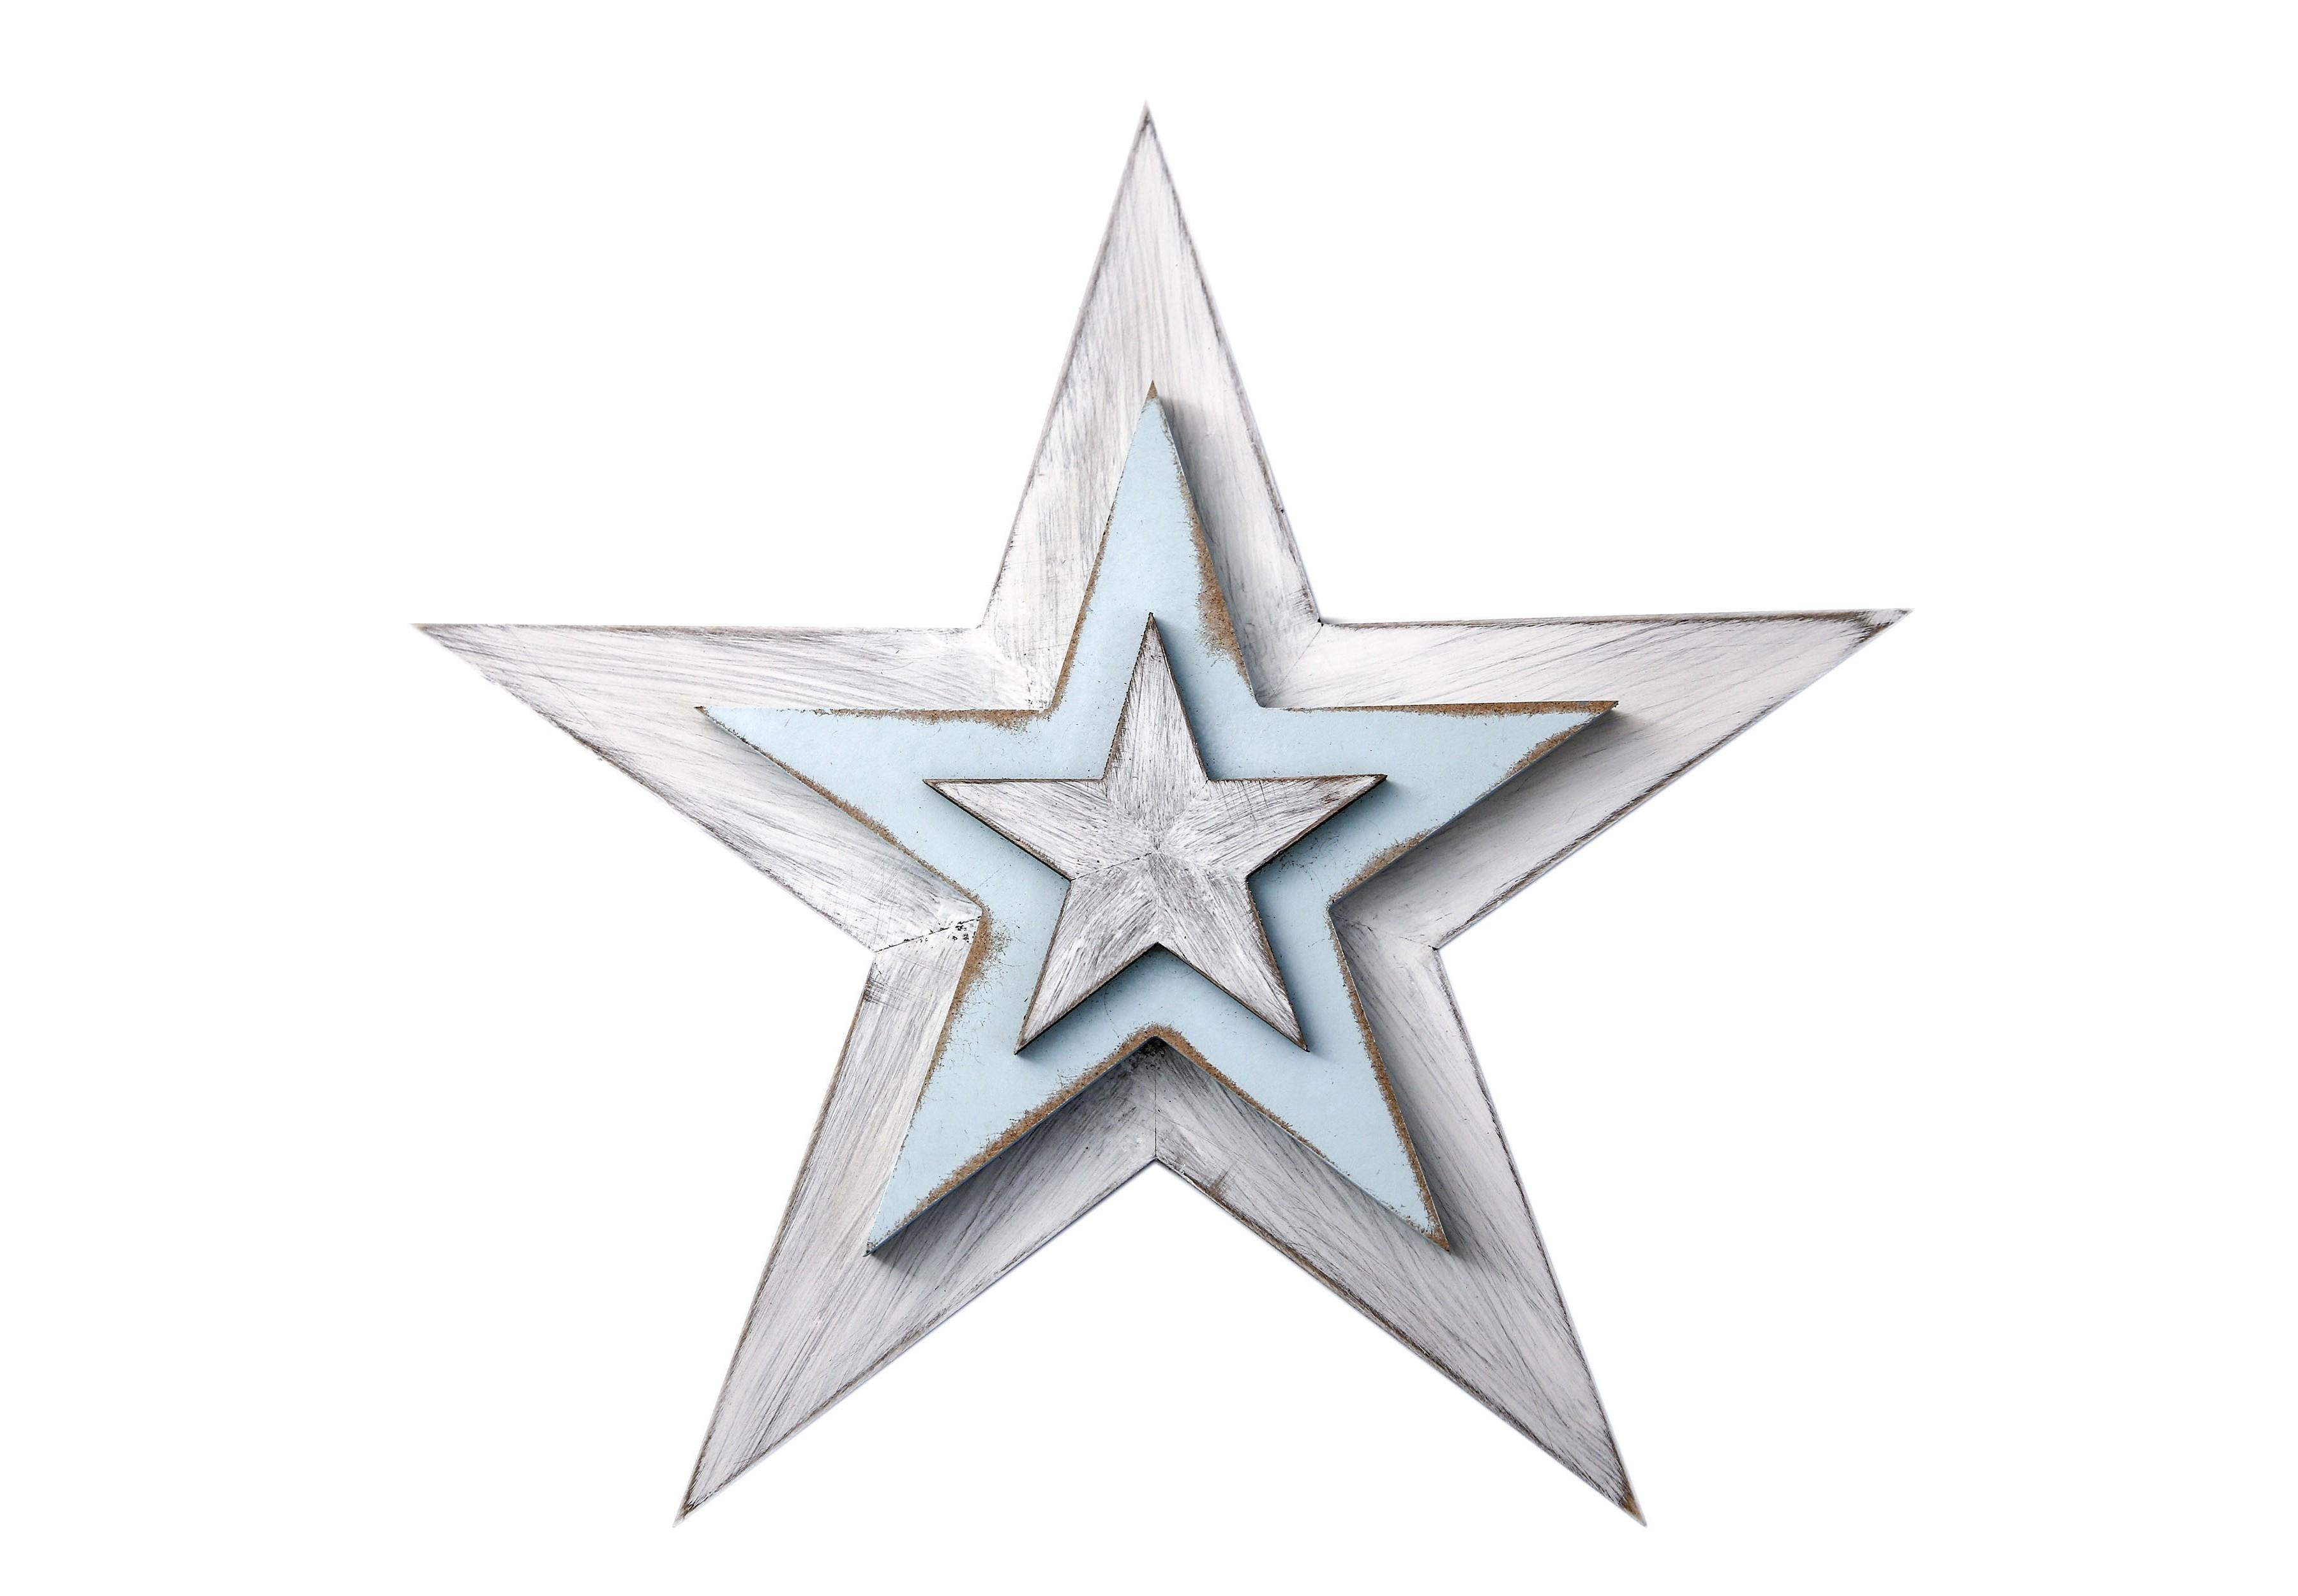 Панно настенное ЗвездаДругое<br>Декор настенный деревянный &amp;quot;Рождественская звезда&amp;quot;, цвет белый с голубым.&amp;lt;div&amp;gt;Материал: многослойная фанера хвойных пород дерева.&amp;lt;br&amp;gt;&amp;lt;/div&amp;gt;<br><br>Material: Дерево<br>Ширина см: 48.0<br>Высота см: 48.0<br>Глубина см: 3.5